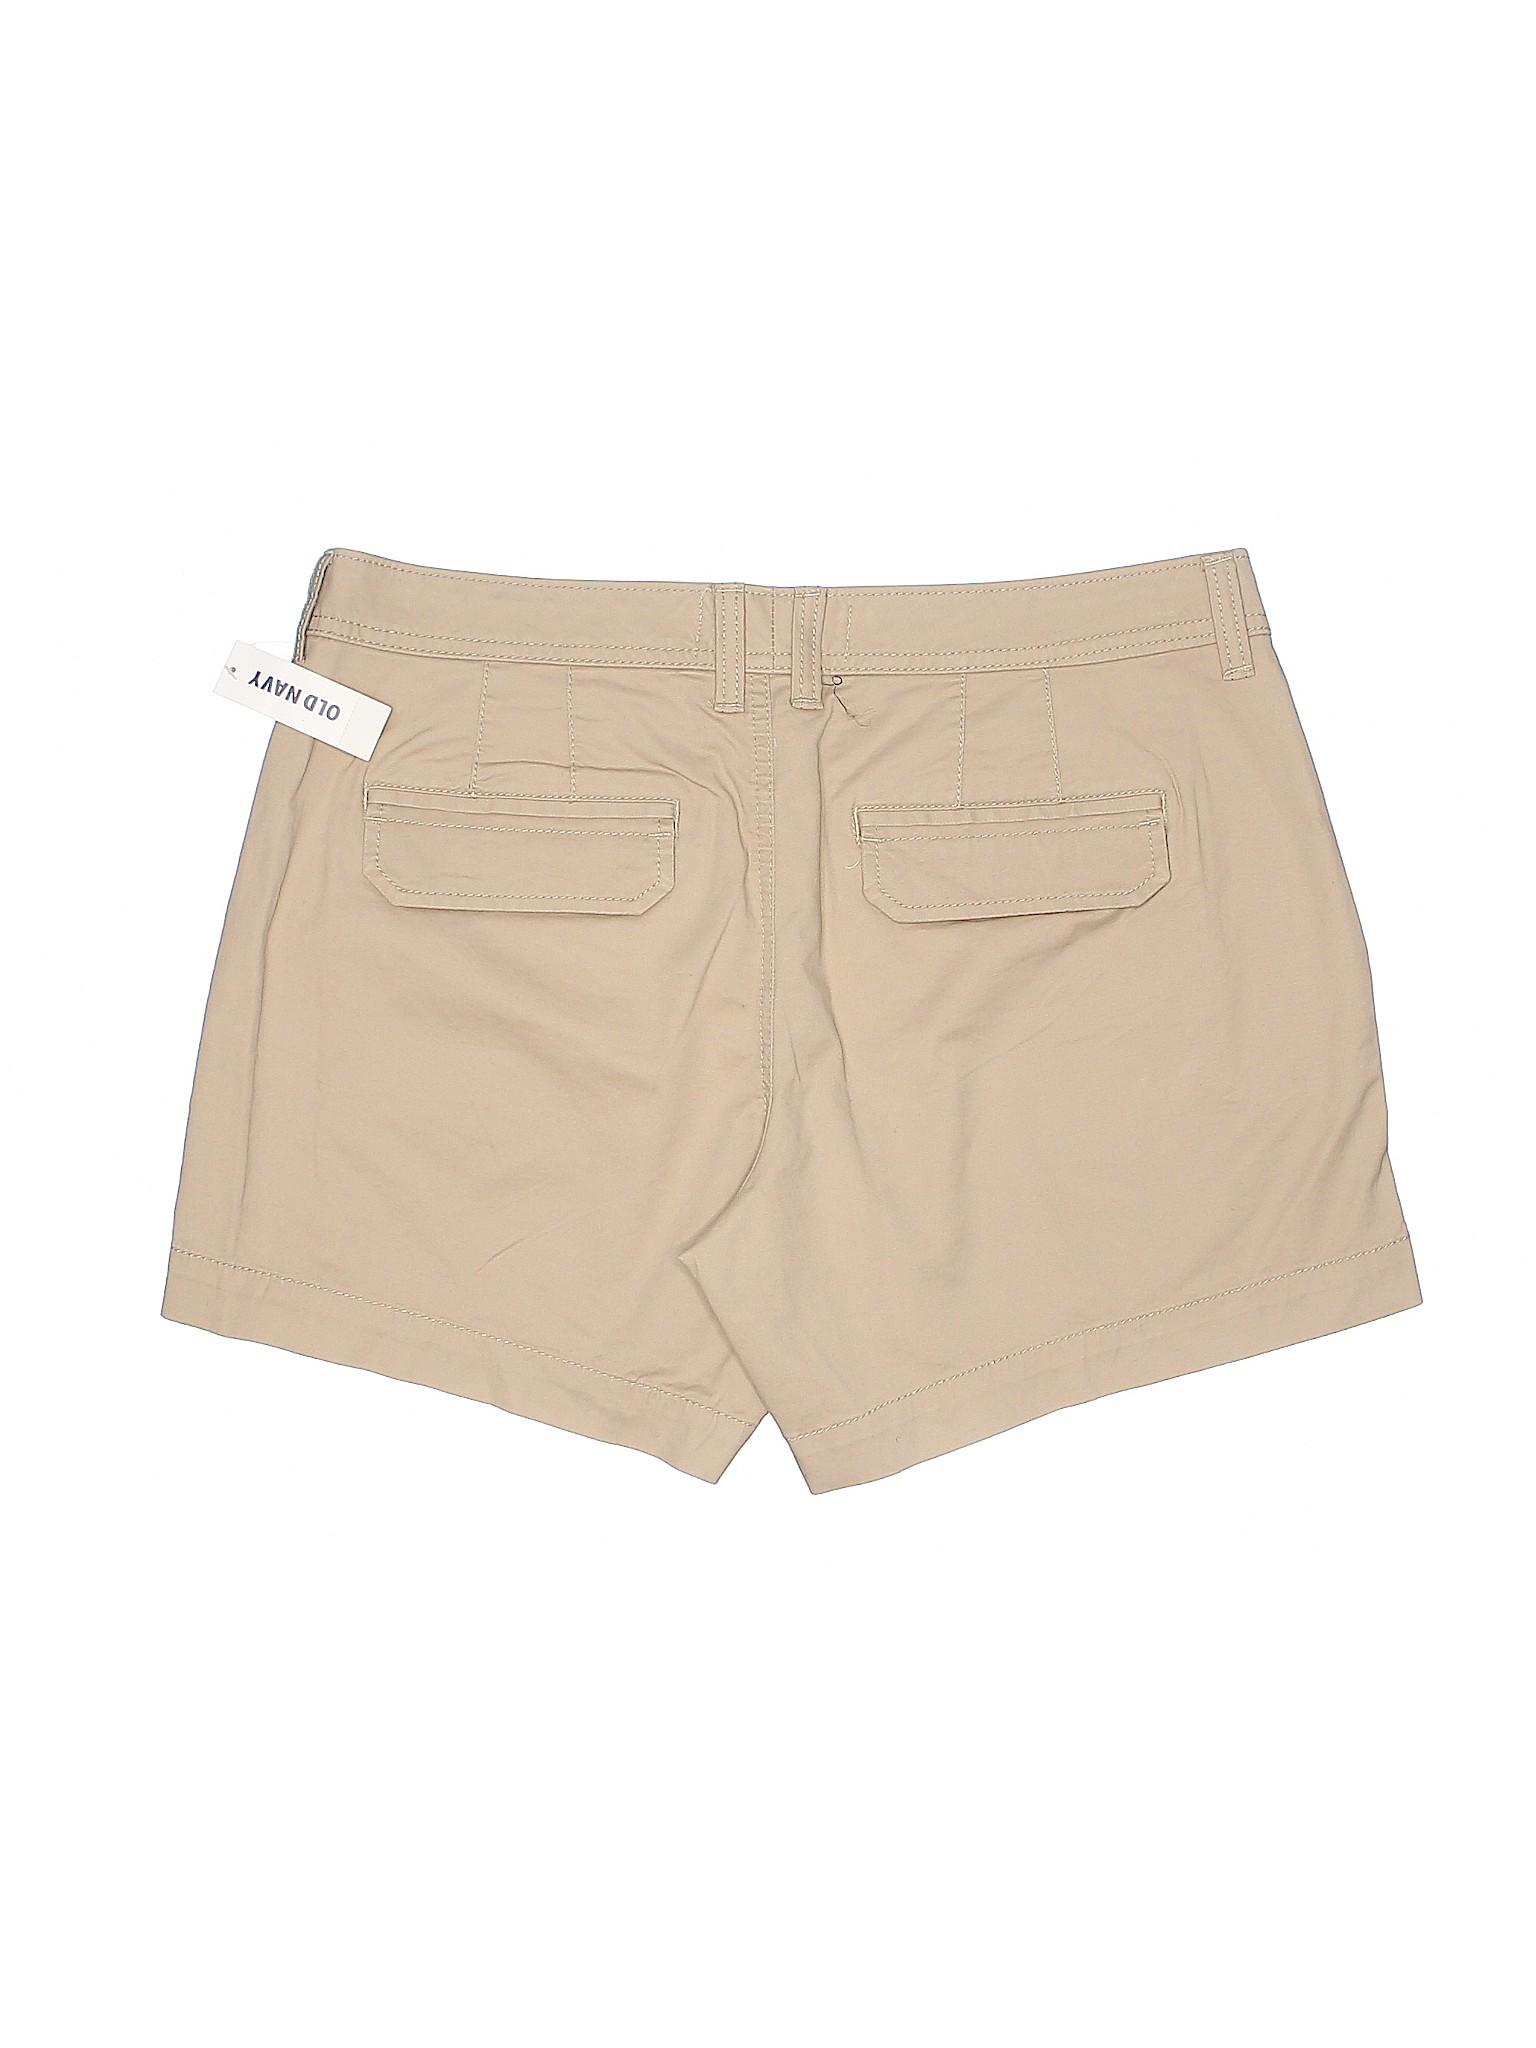 Boutique Navy Old Boutique Khaki Shorts Navy Old Khaki vAwdS1